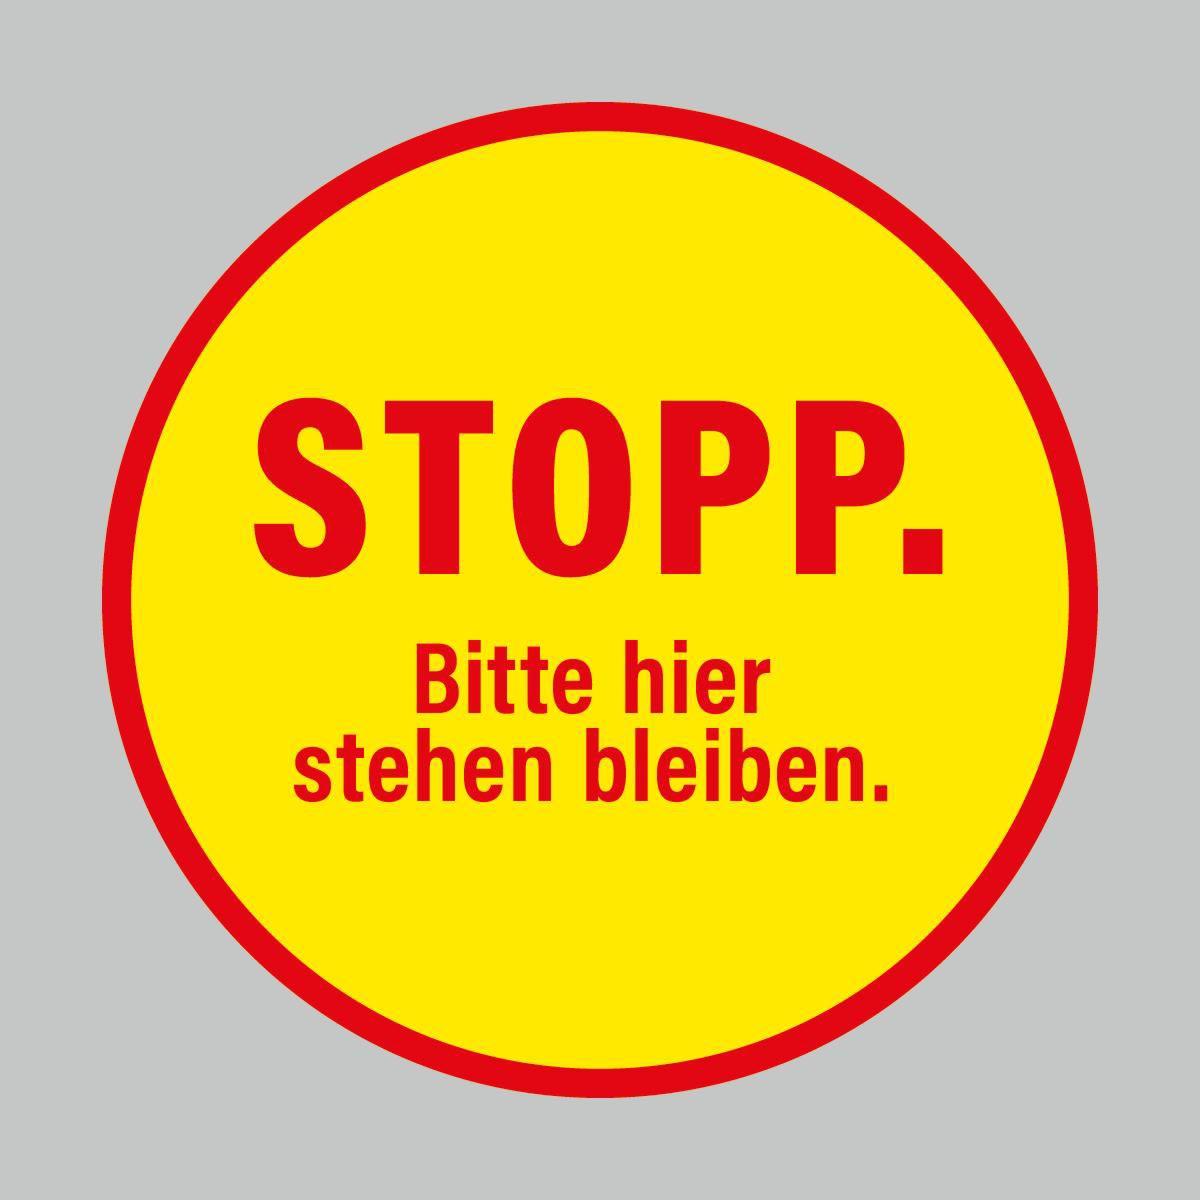 Fußbodenaufkleber, rot-gelb, Ø 48cm – Stopp